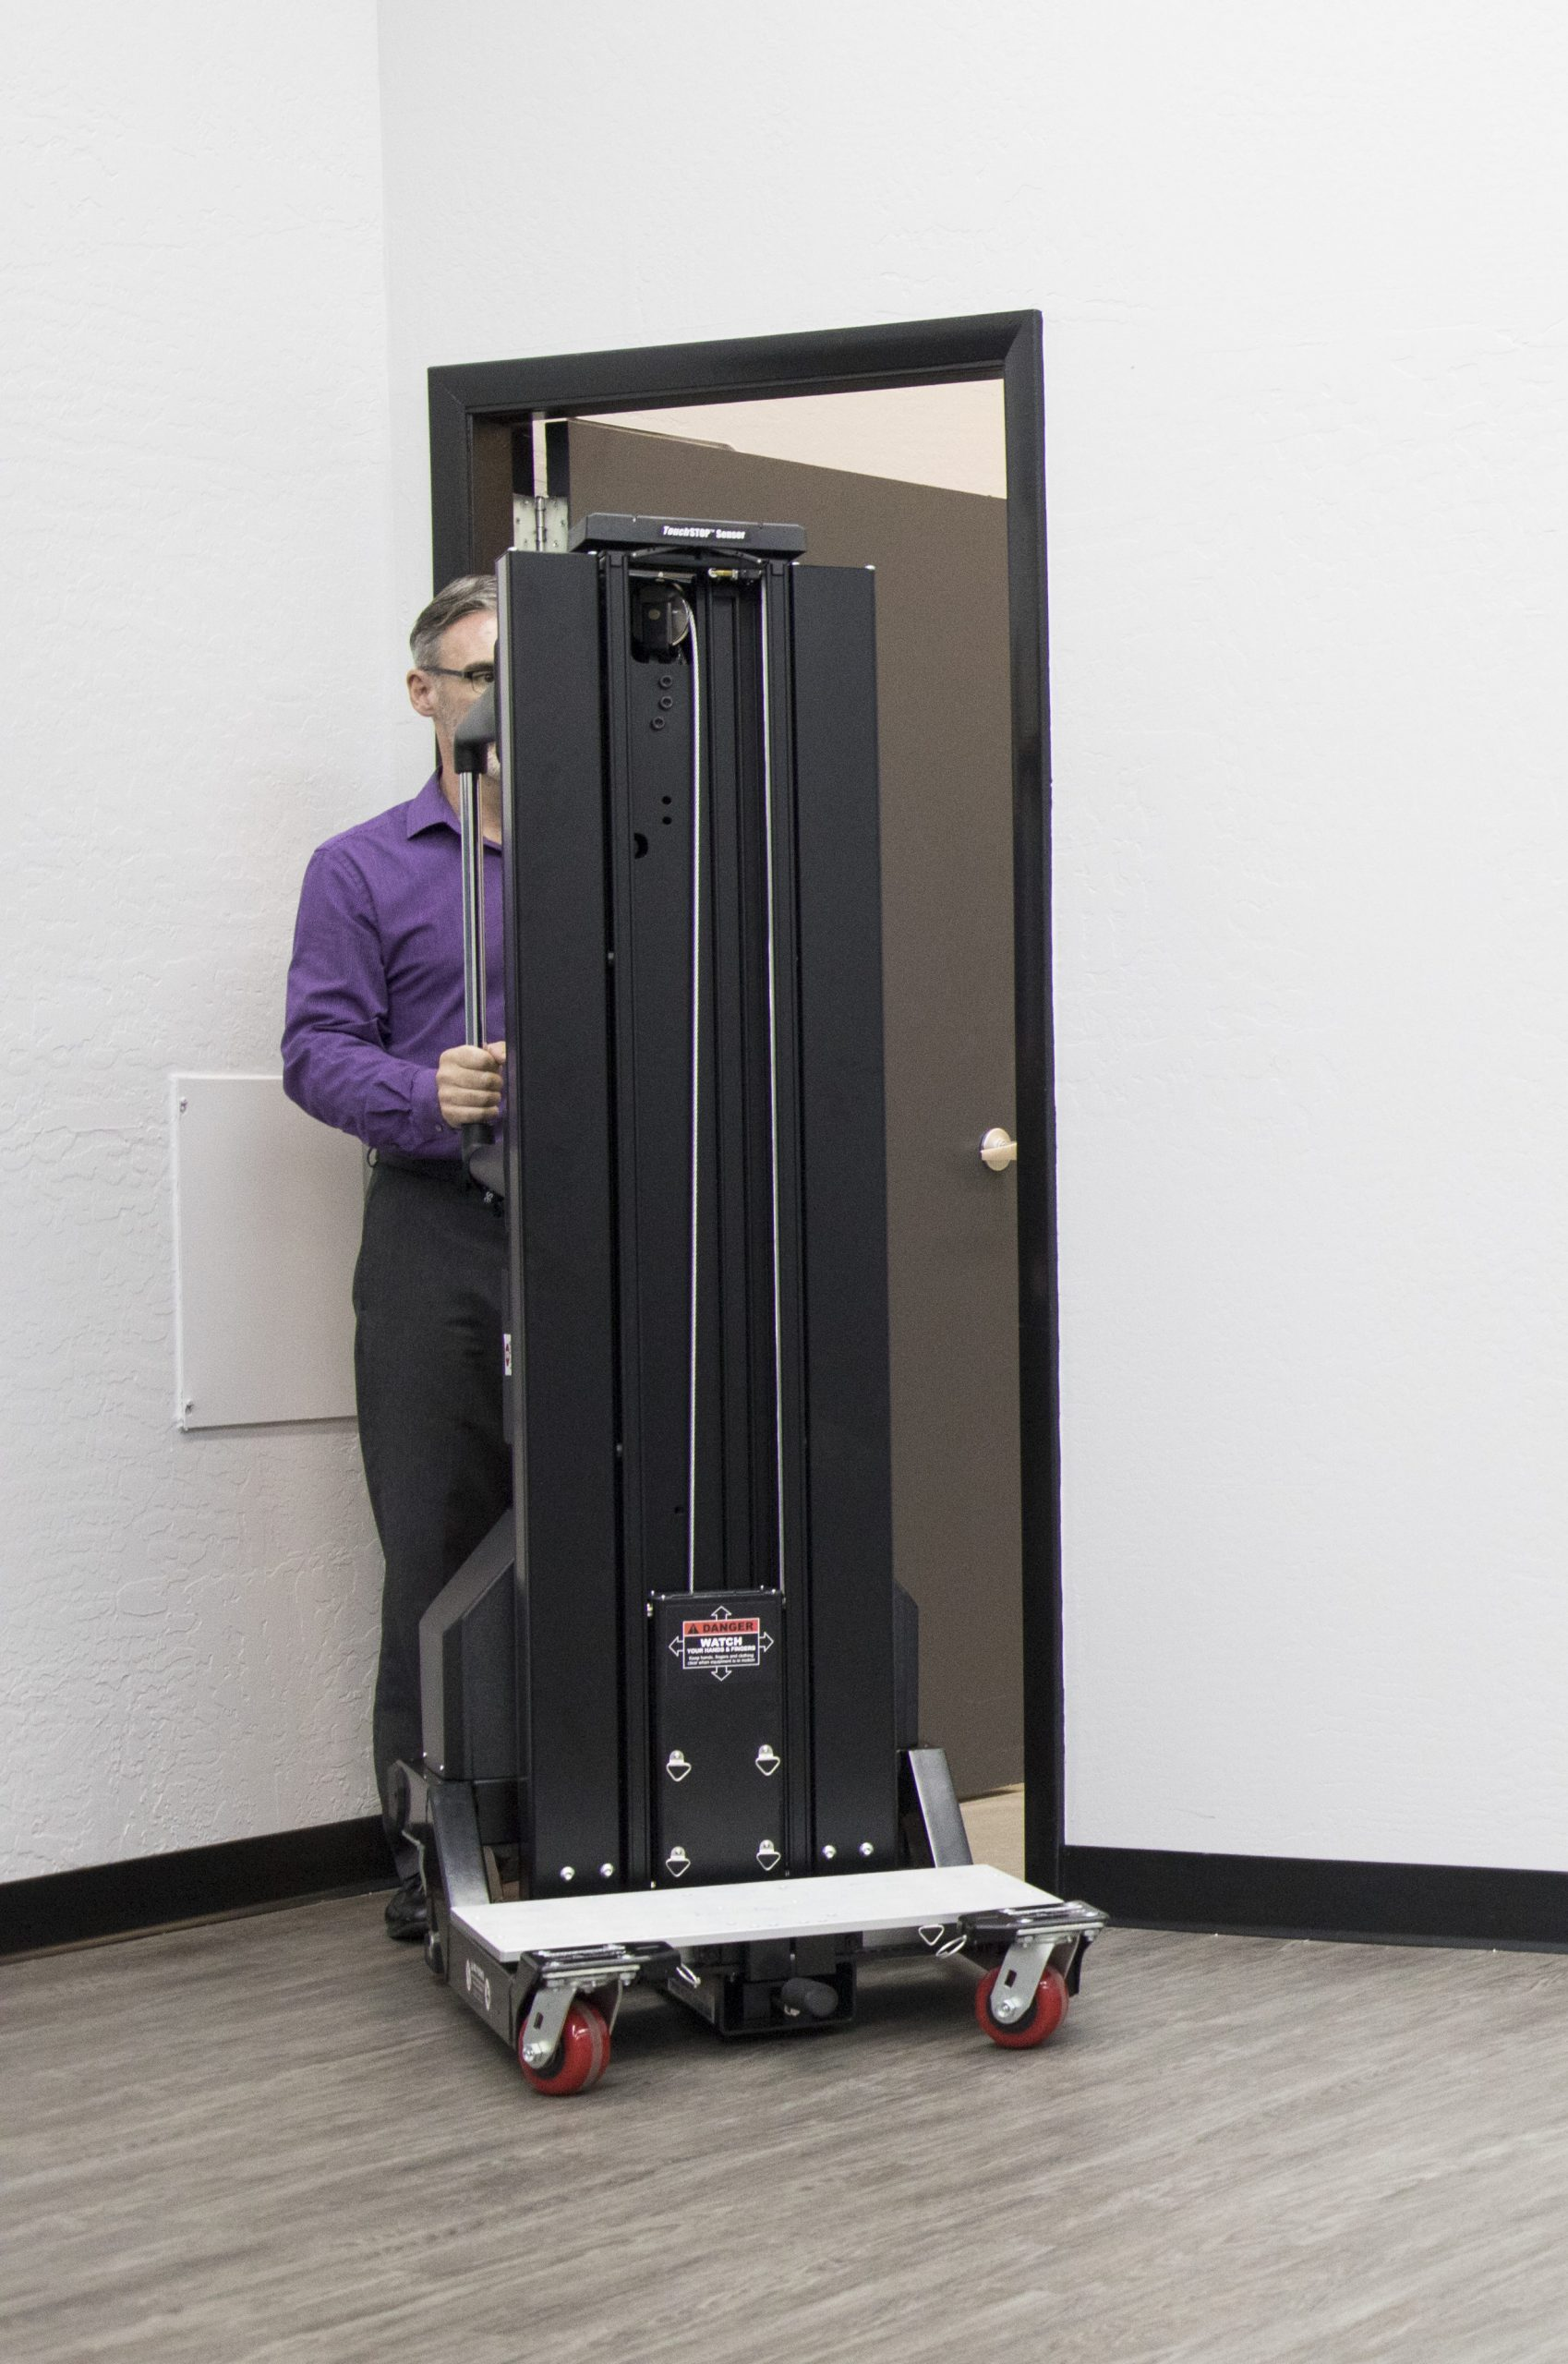 Die schlanke Basis des Lifts (61 cm) und die übergroßen Räder navigieren reibungslos durch Gänge, Ecken und Rampen und bieten dem Bediener ausreichend Platz - selbst in den engsten Gängen des Rechenzentrums. Das einzigartige Mastdesign von ServerLIFT hält die eingefahrene Hubhöhe niedrig genug, um durch Türen und Aufzüge in Standardgröße zu passen.